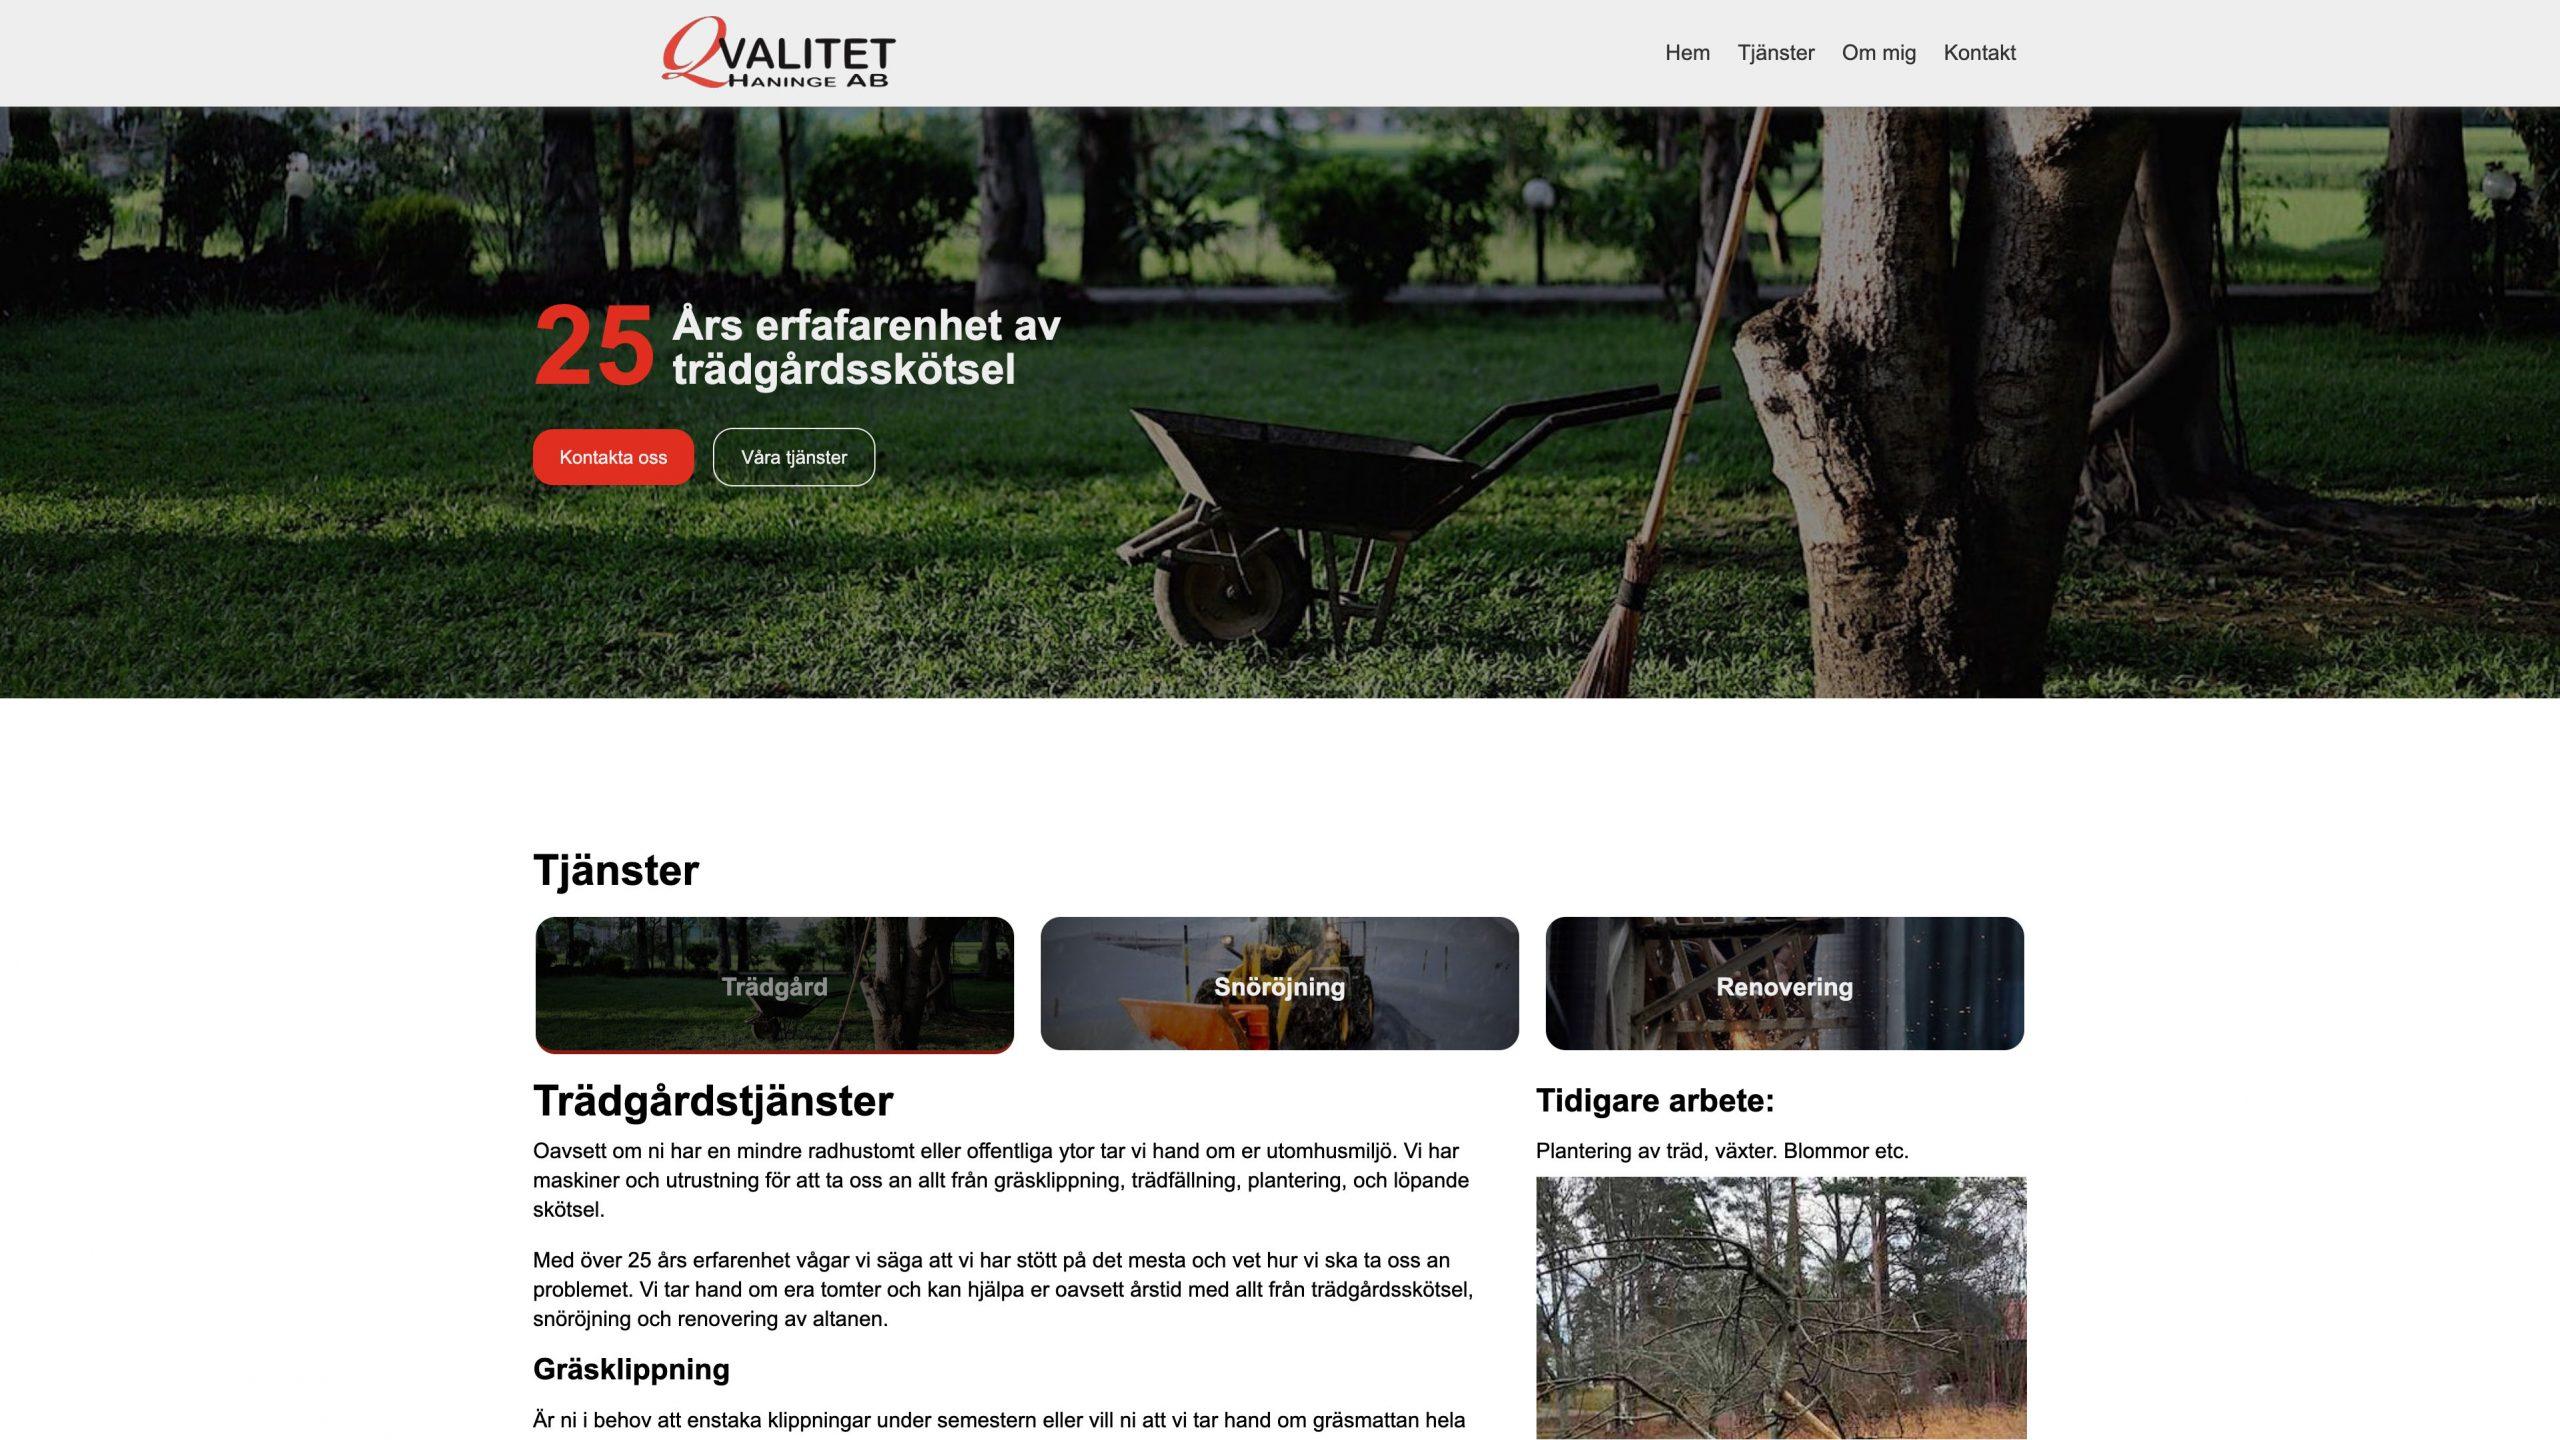 Qvalitet haninges webbdesign